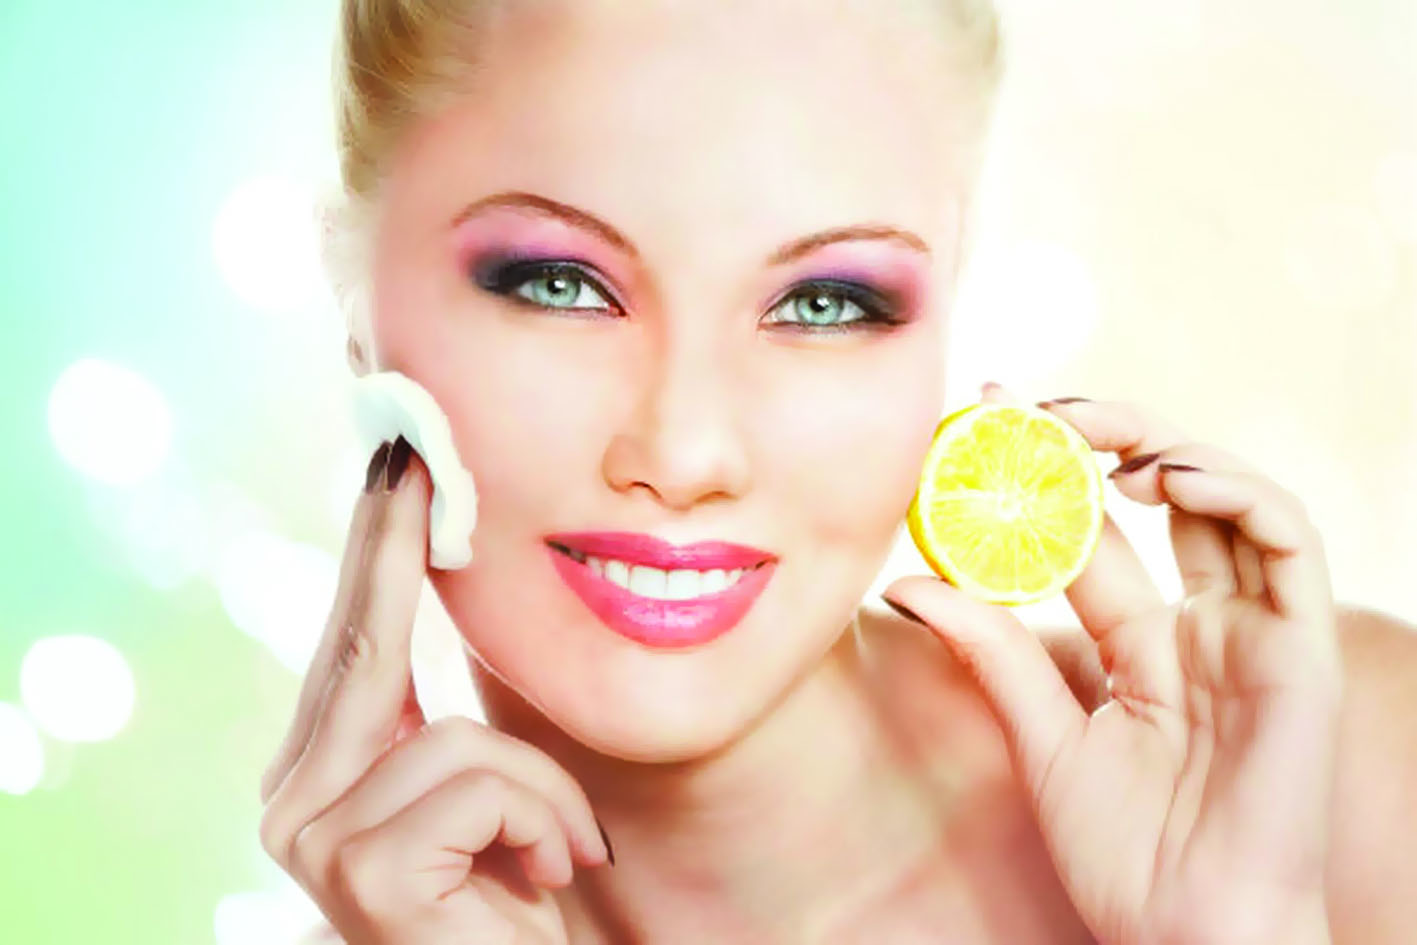 فوائد سحرية لعصير الليمون على بشرتك